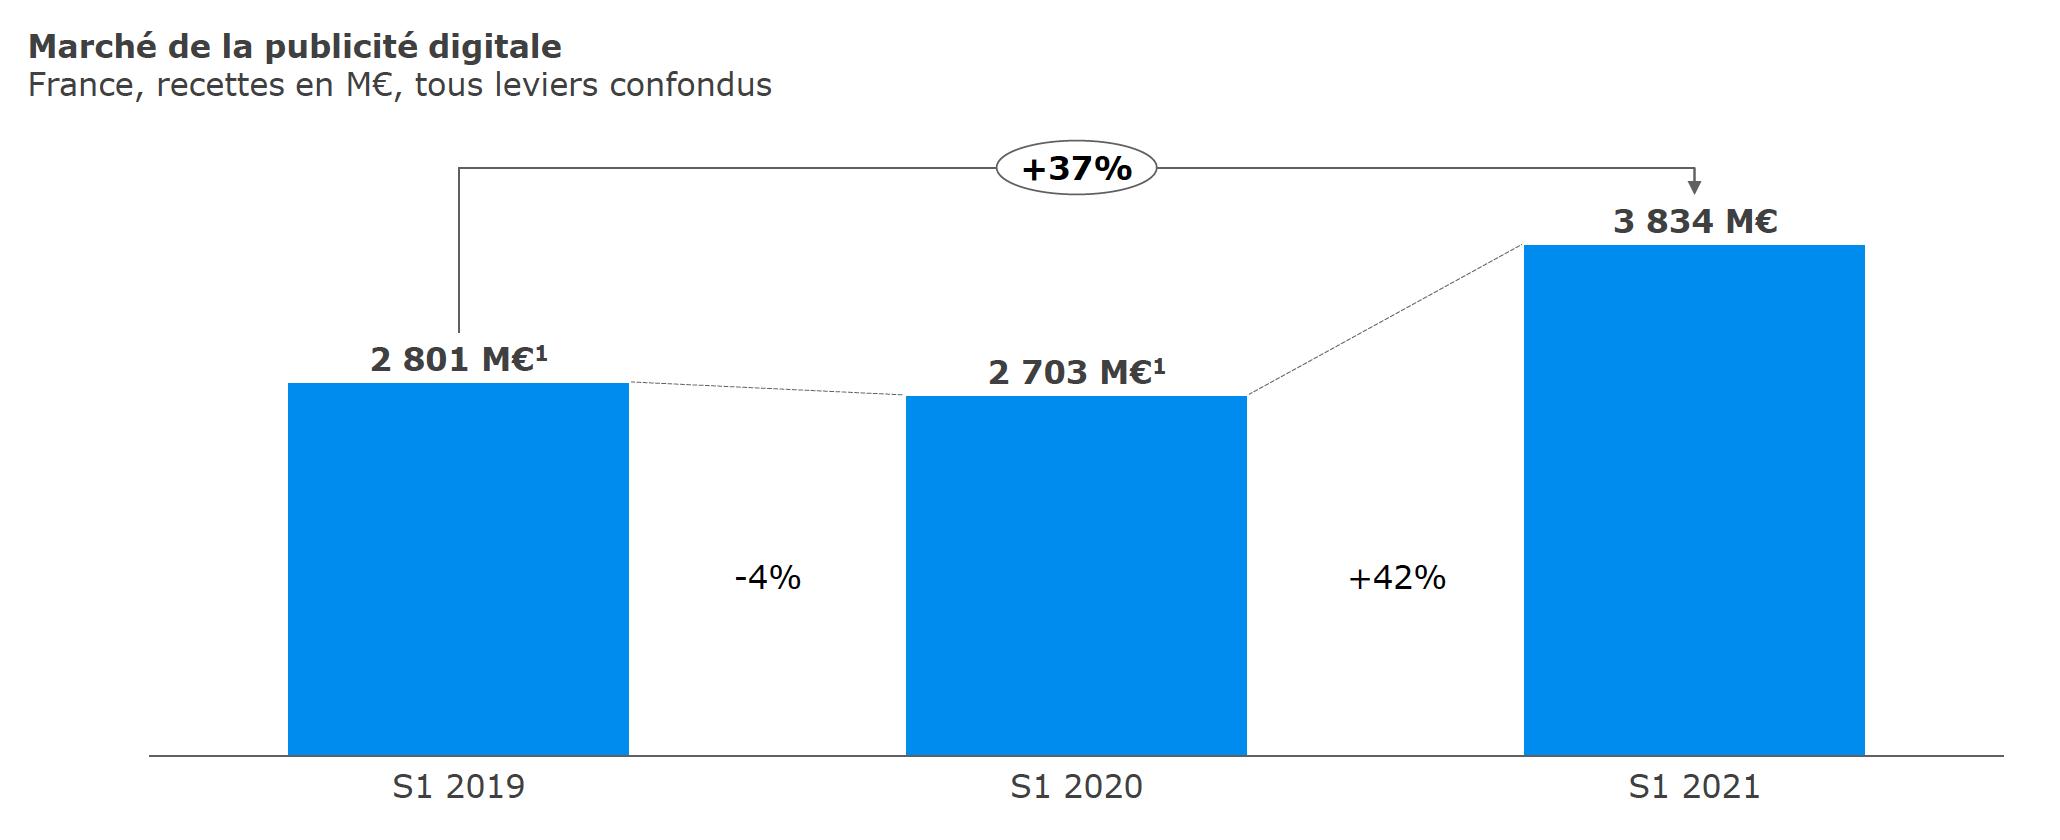 Les recettes de publicité digitale sont en forte croissance de +42% sur le S1 2021 et +37% par rapport à 2019 © Sources : SRI, UDECAM, entretiens réalisés sur la période de juin 2021 àjuillet 2021 avec les acteurs du marché, informations publiques, analyse Oliver Wyman